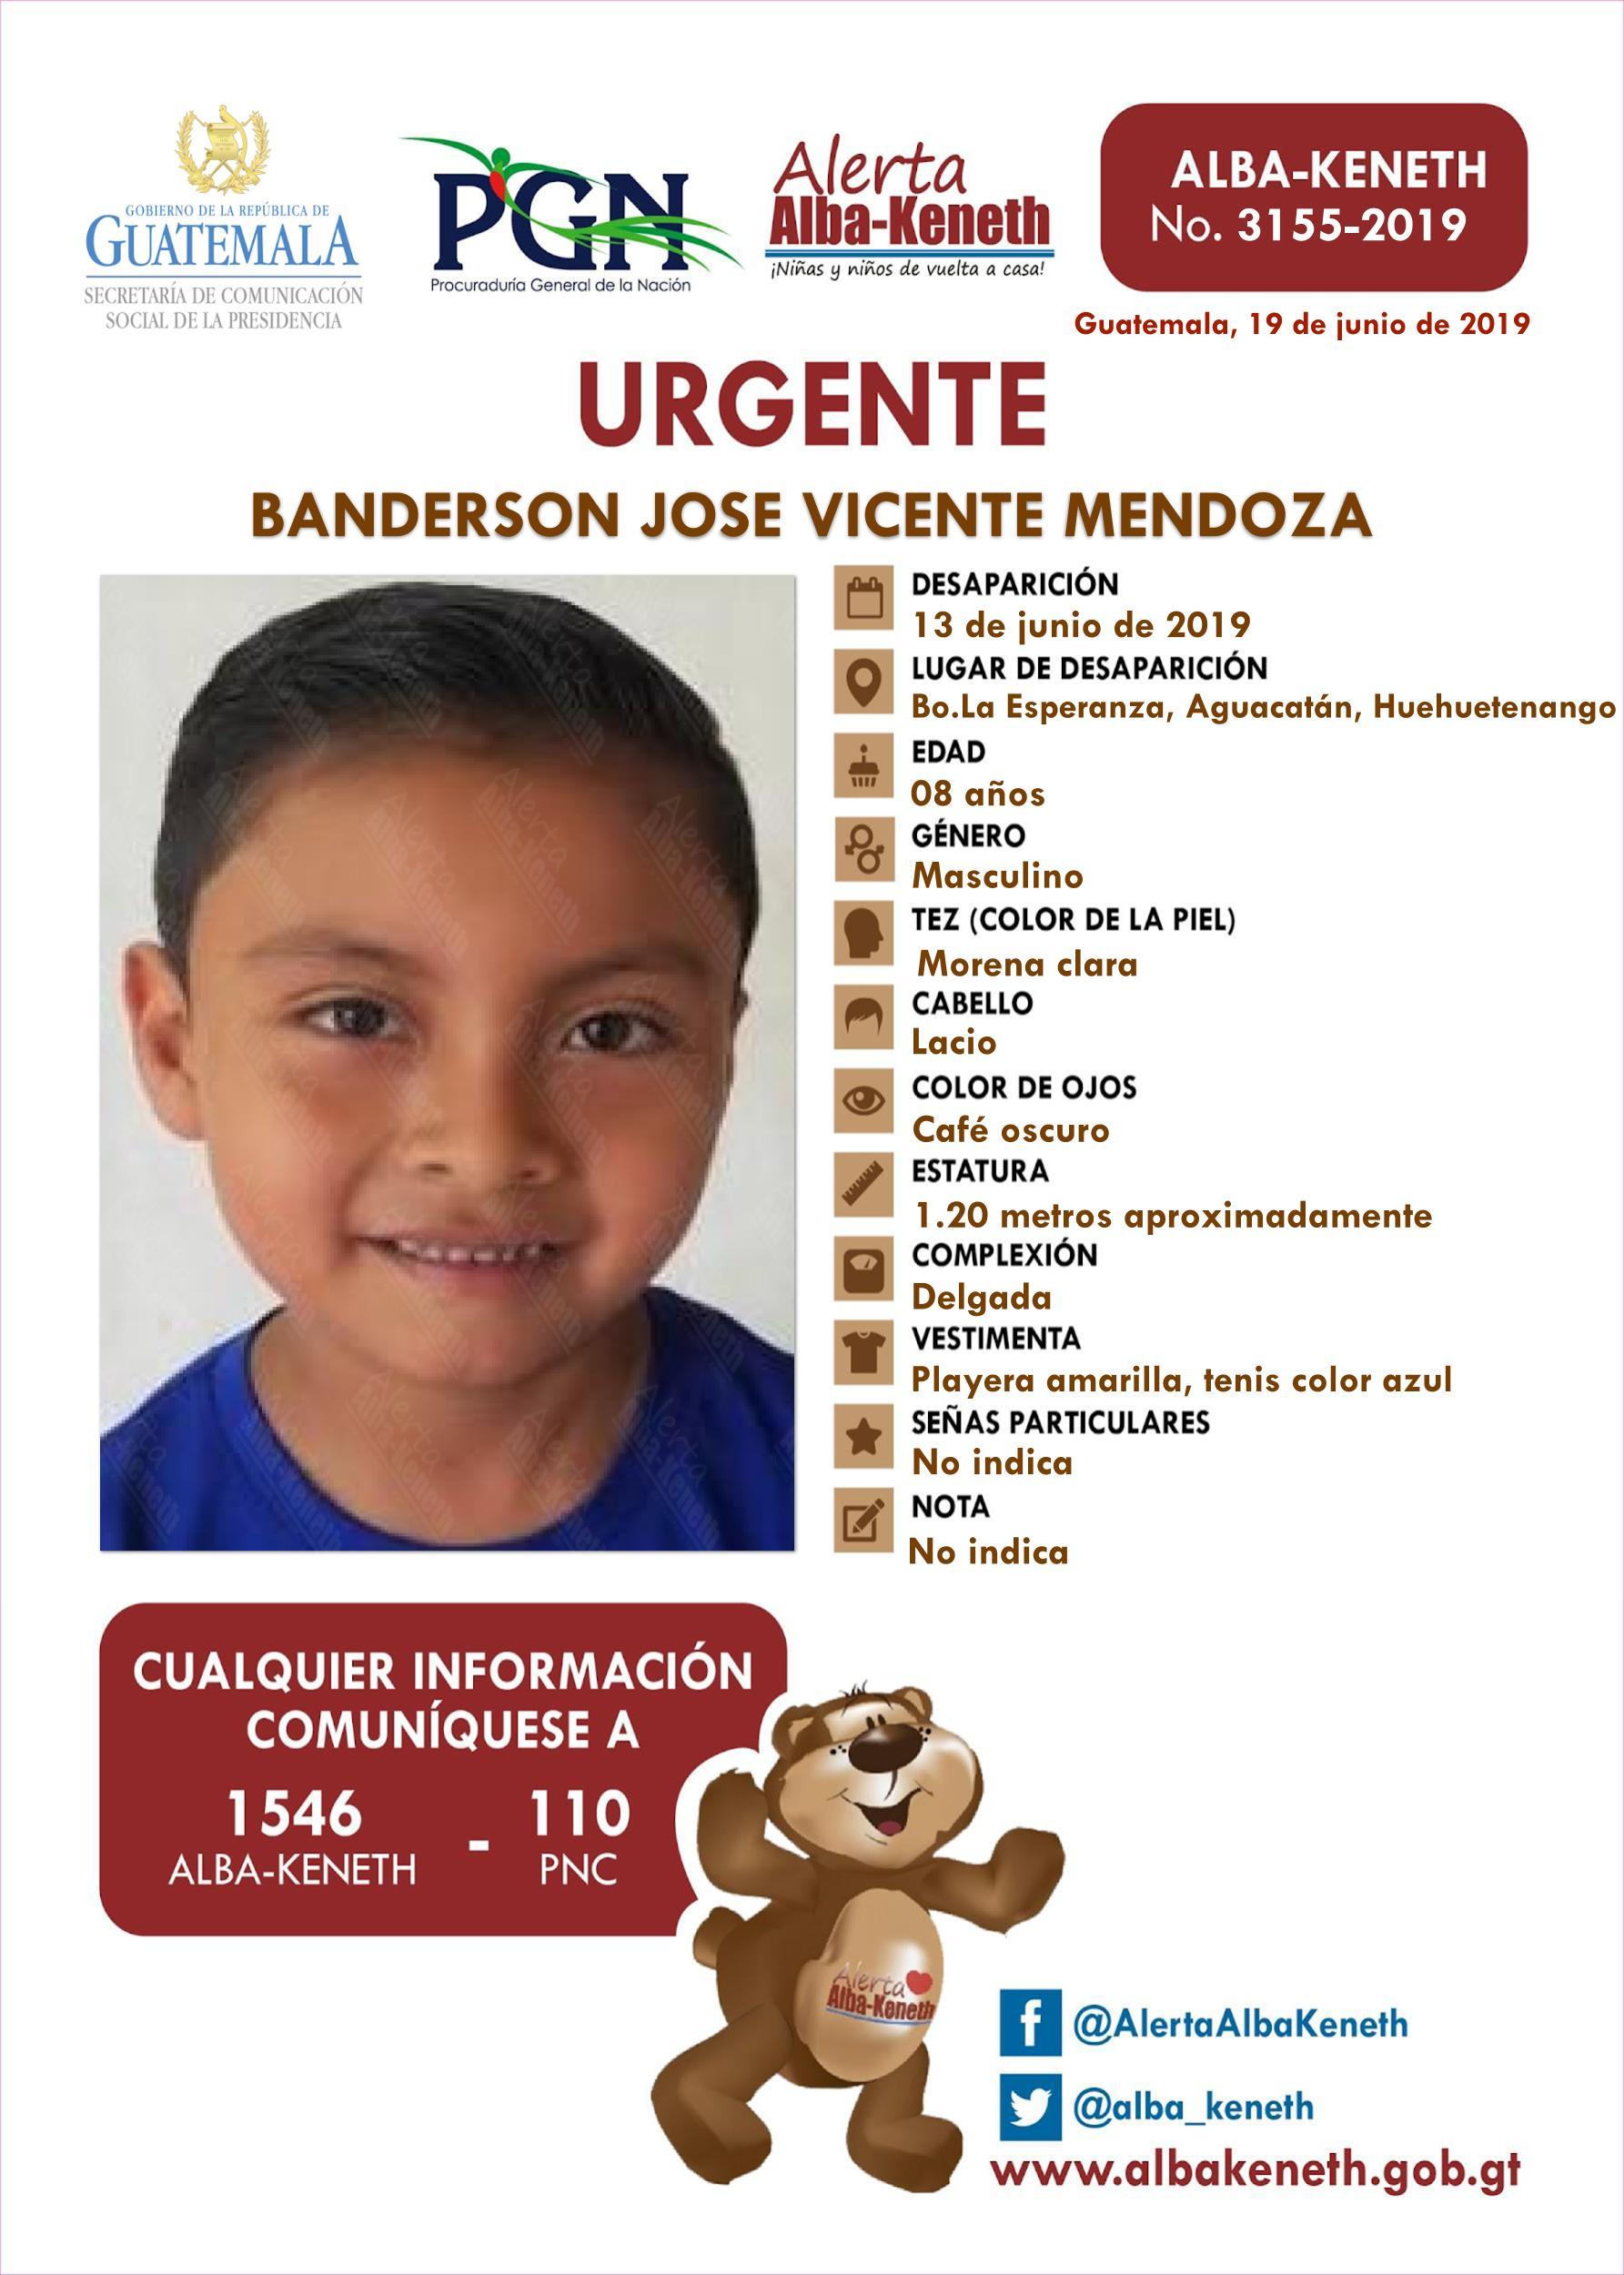 Banderson Jose Vicente Mendoza